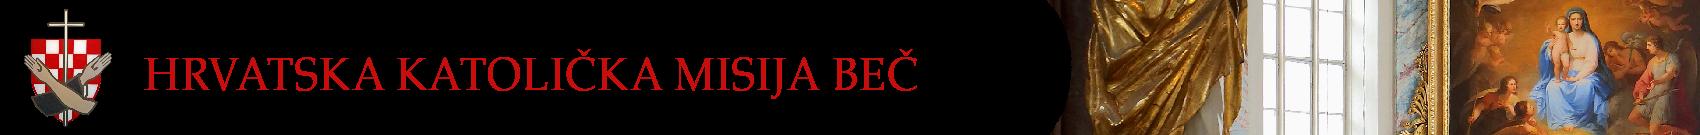 Hrvatska katolička misija Beč